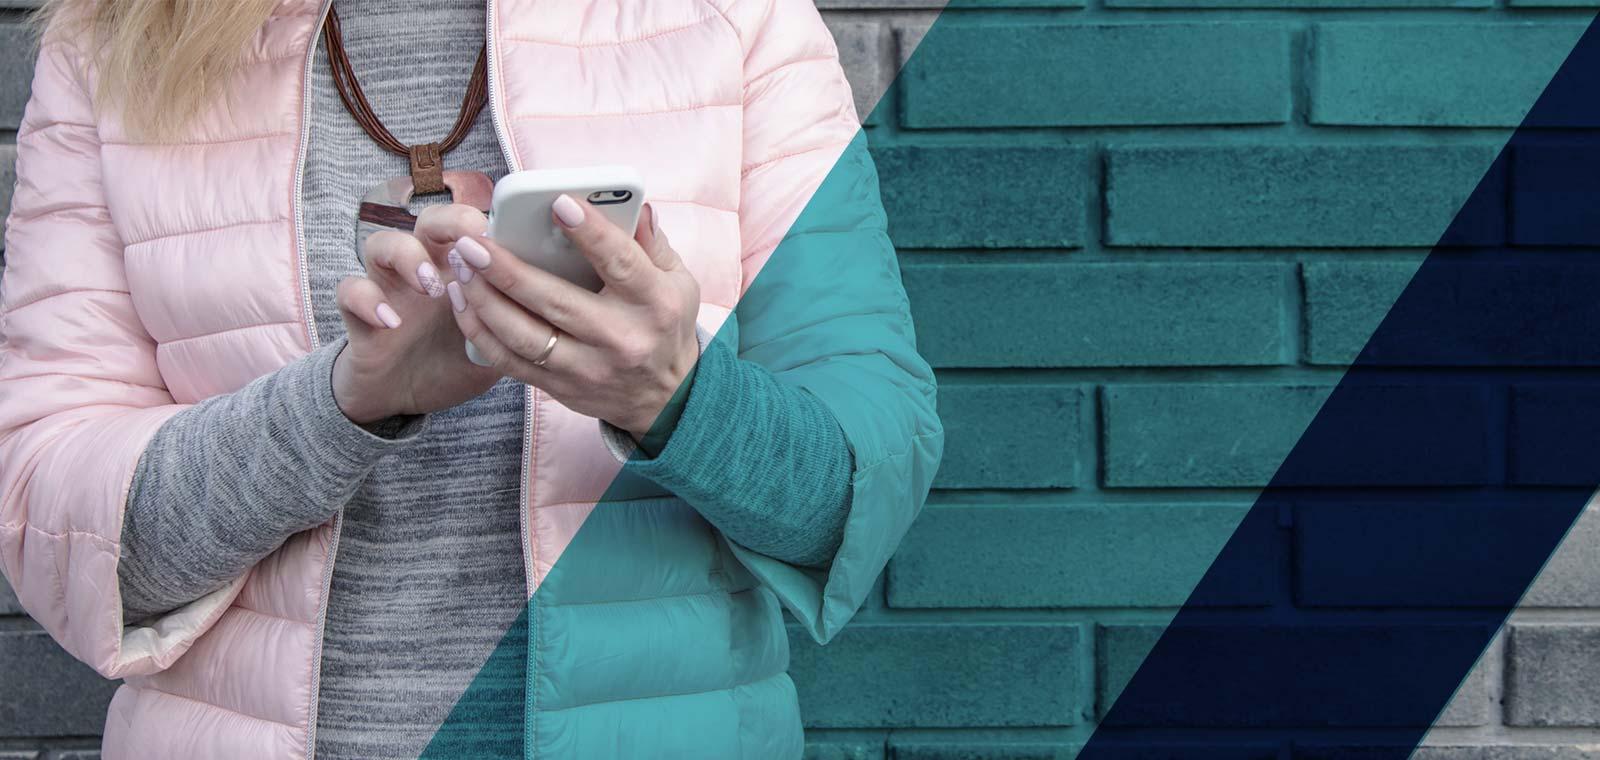 Din prima zi poți să oferi membrilor o aplicație de mobil prin care pot să își administreze activitatea și să acceseze în orice moment informații despre abonamente și documentele lor. <br>Rezervarea locului la clase sau cumpărarea unui abonament nou vor deveni operațiuni simple, pe care membrii sălii tale de fitness le vor aprecia.